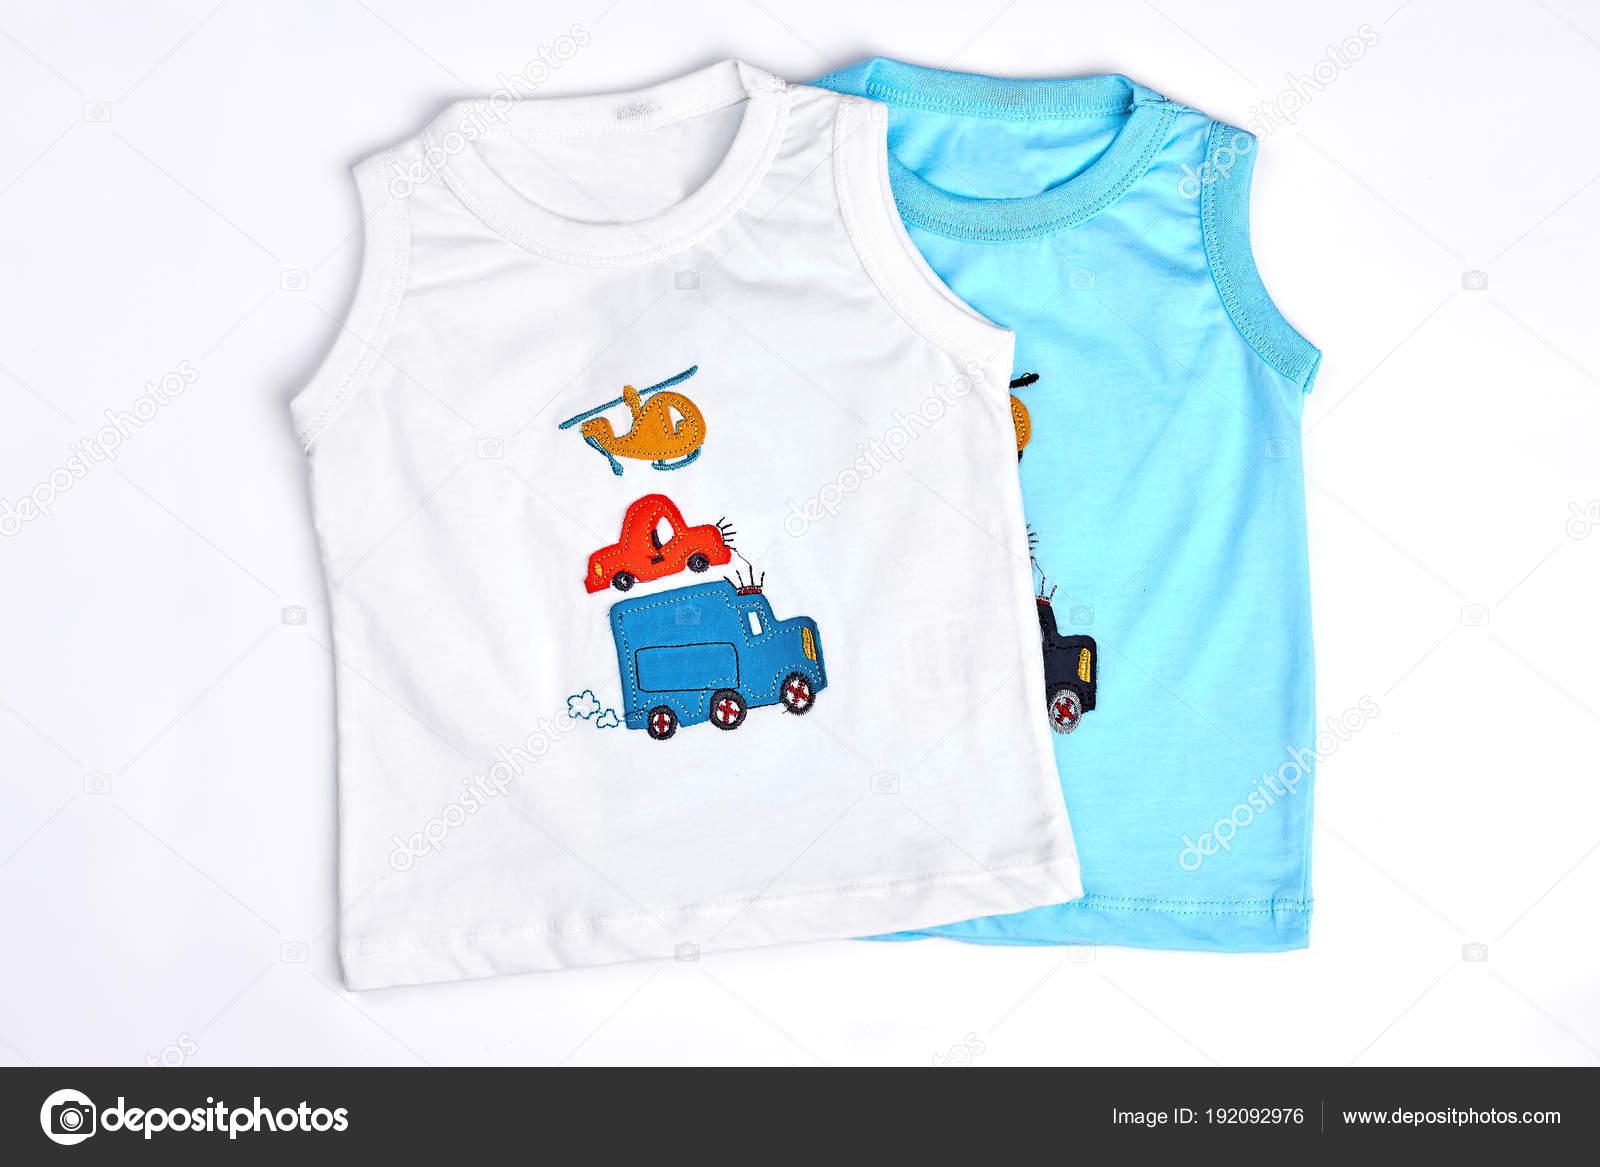 5025046584f0 Συλλογή από νέα μπλουζάκια για το μωρό-αγόρια — Φωτογραφία Αρχείου ...